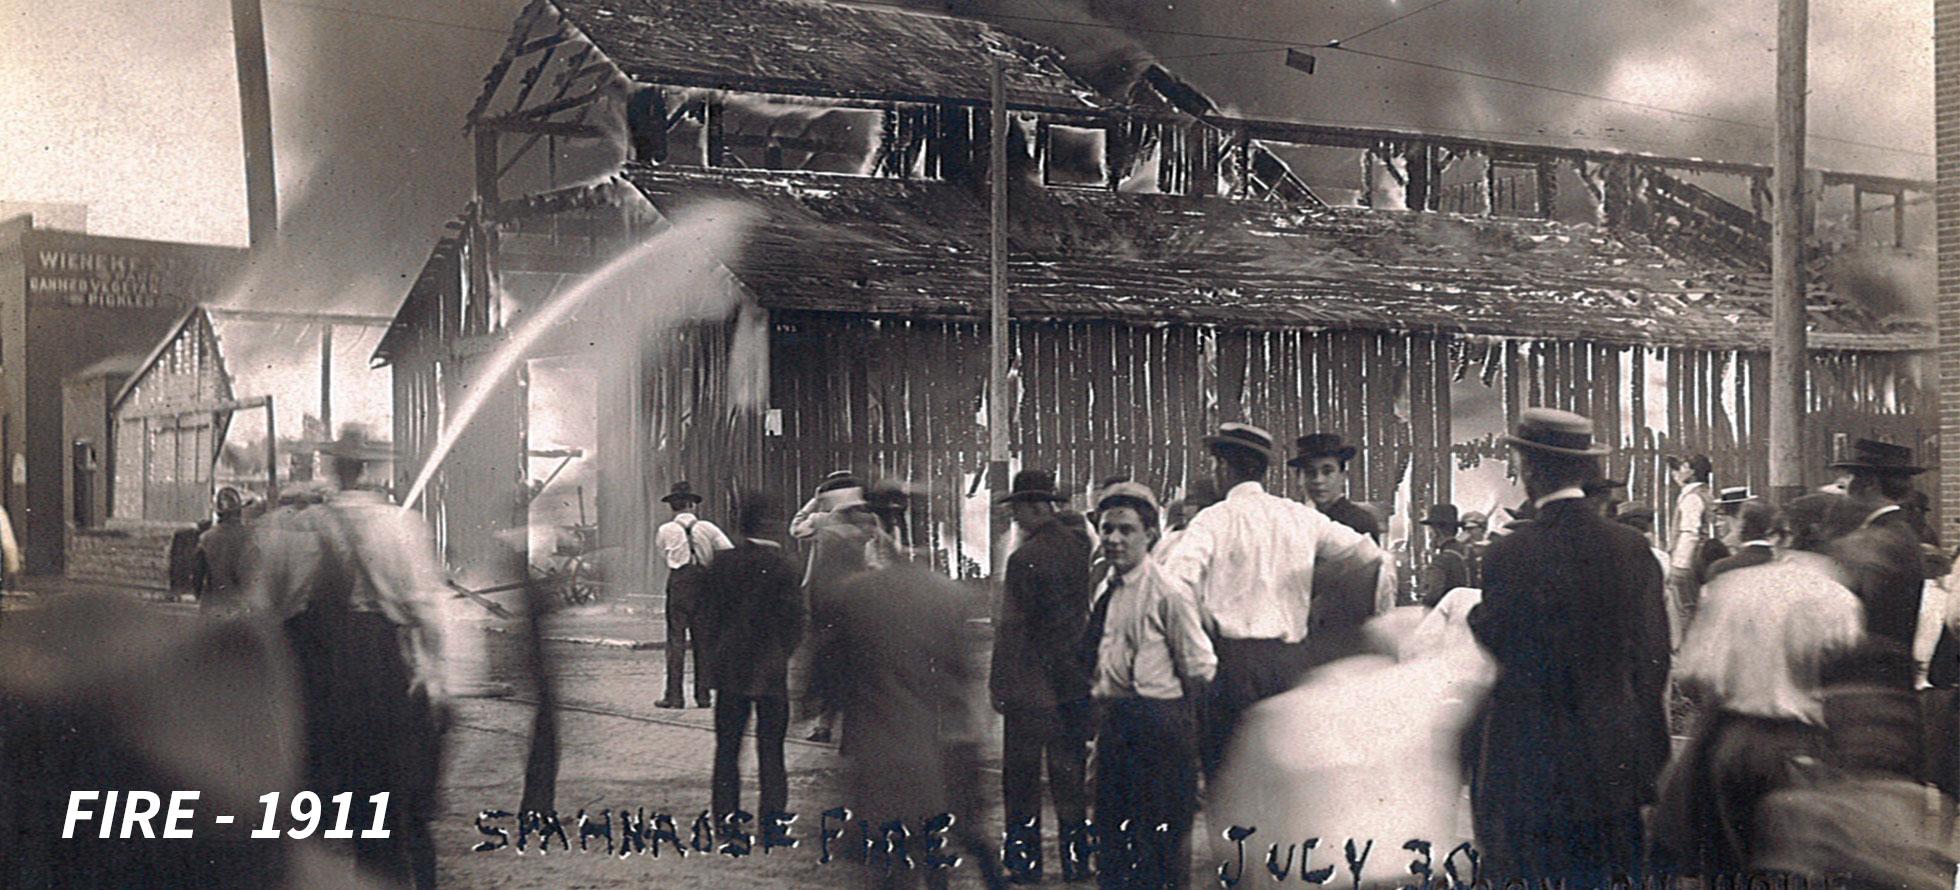 Fire 1911